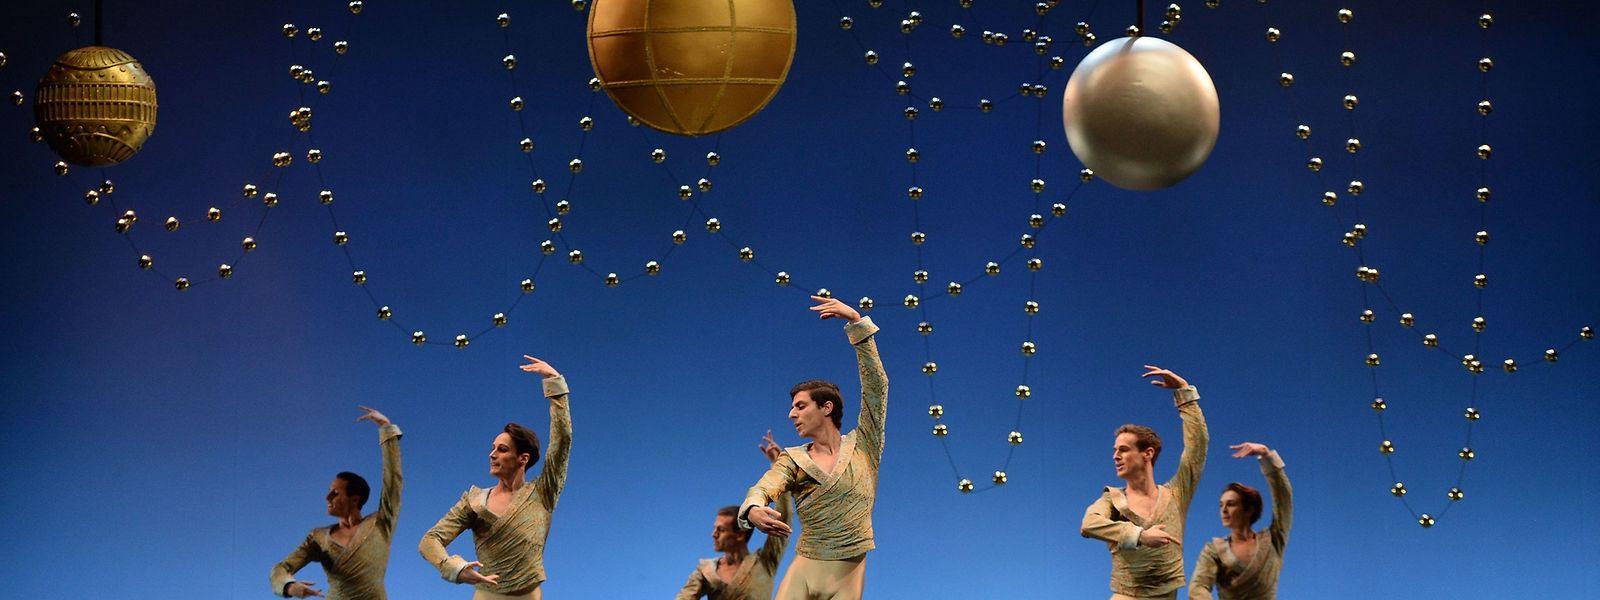 """Sevilla. Völlig losgelöst von der Erde scheinen die Tänzer der Nationalen Spanischen Tanzcompany bei der """"Nussknacker""""-Produktion über die Bühne des Maestranza-Theaters zu schweben."""